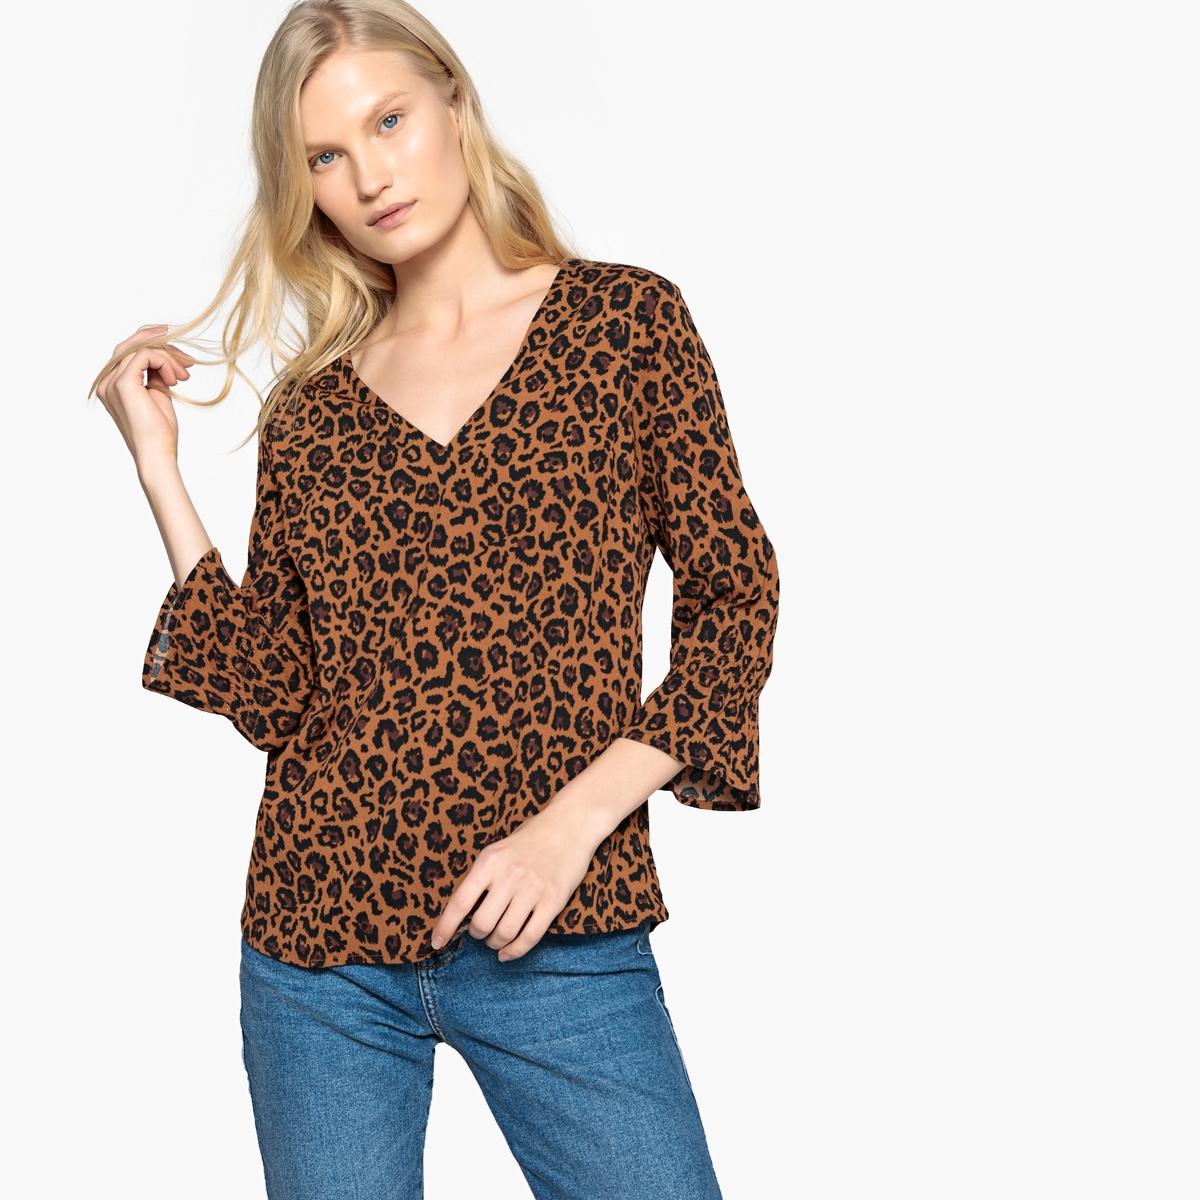 Блузка с v-образным вырезом с леопардовым принтом и рукавами 3/4 цена